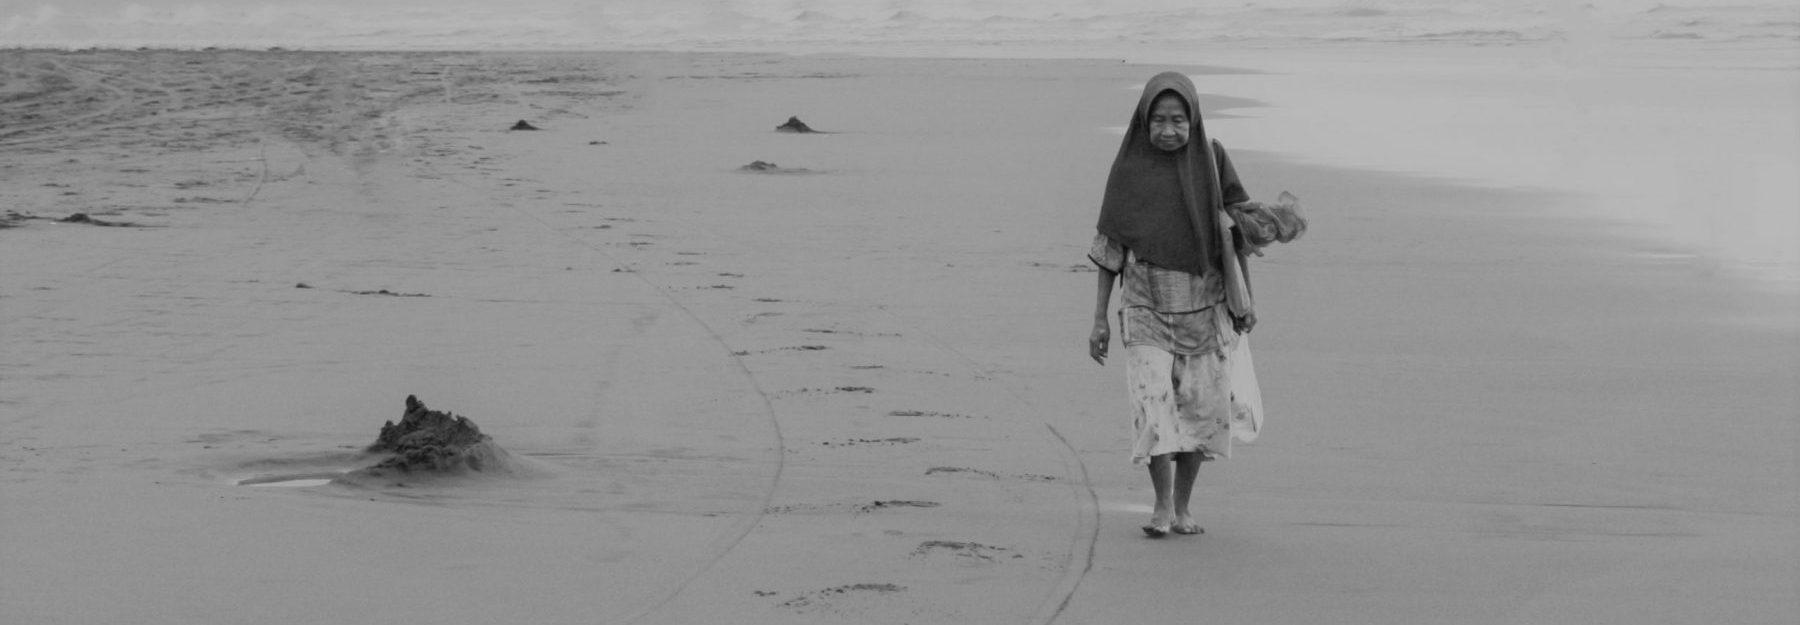 zoektocht biologische moeder indonesie